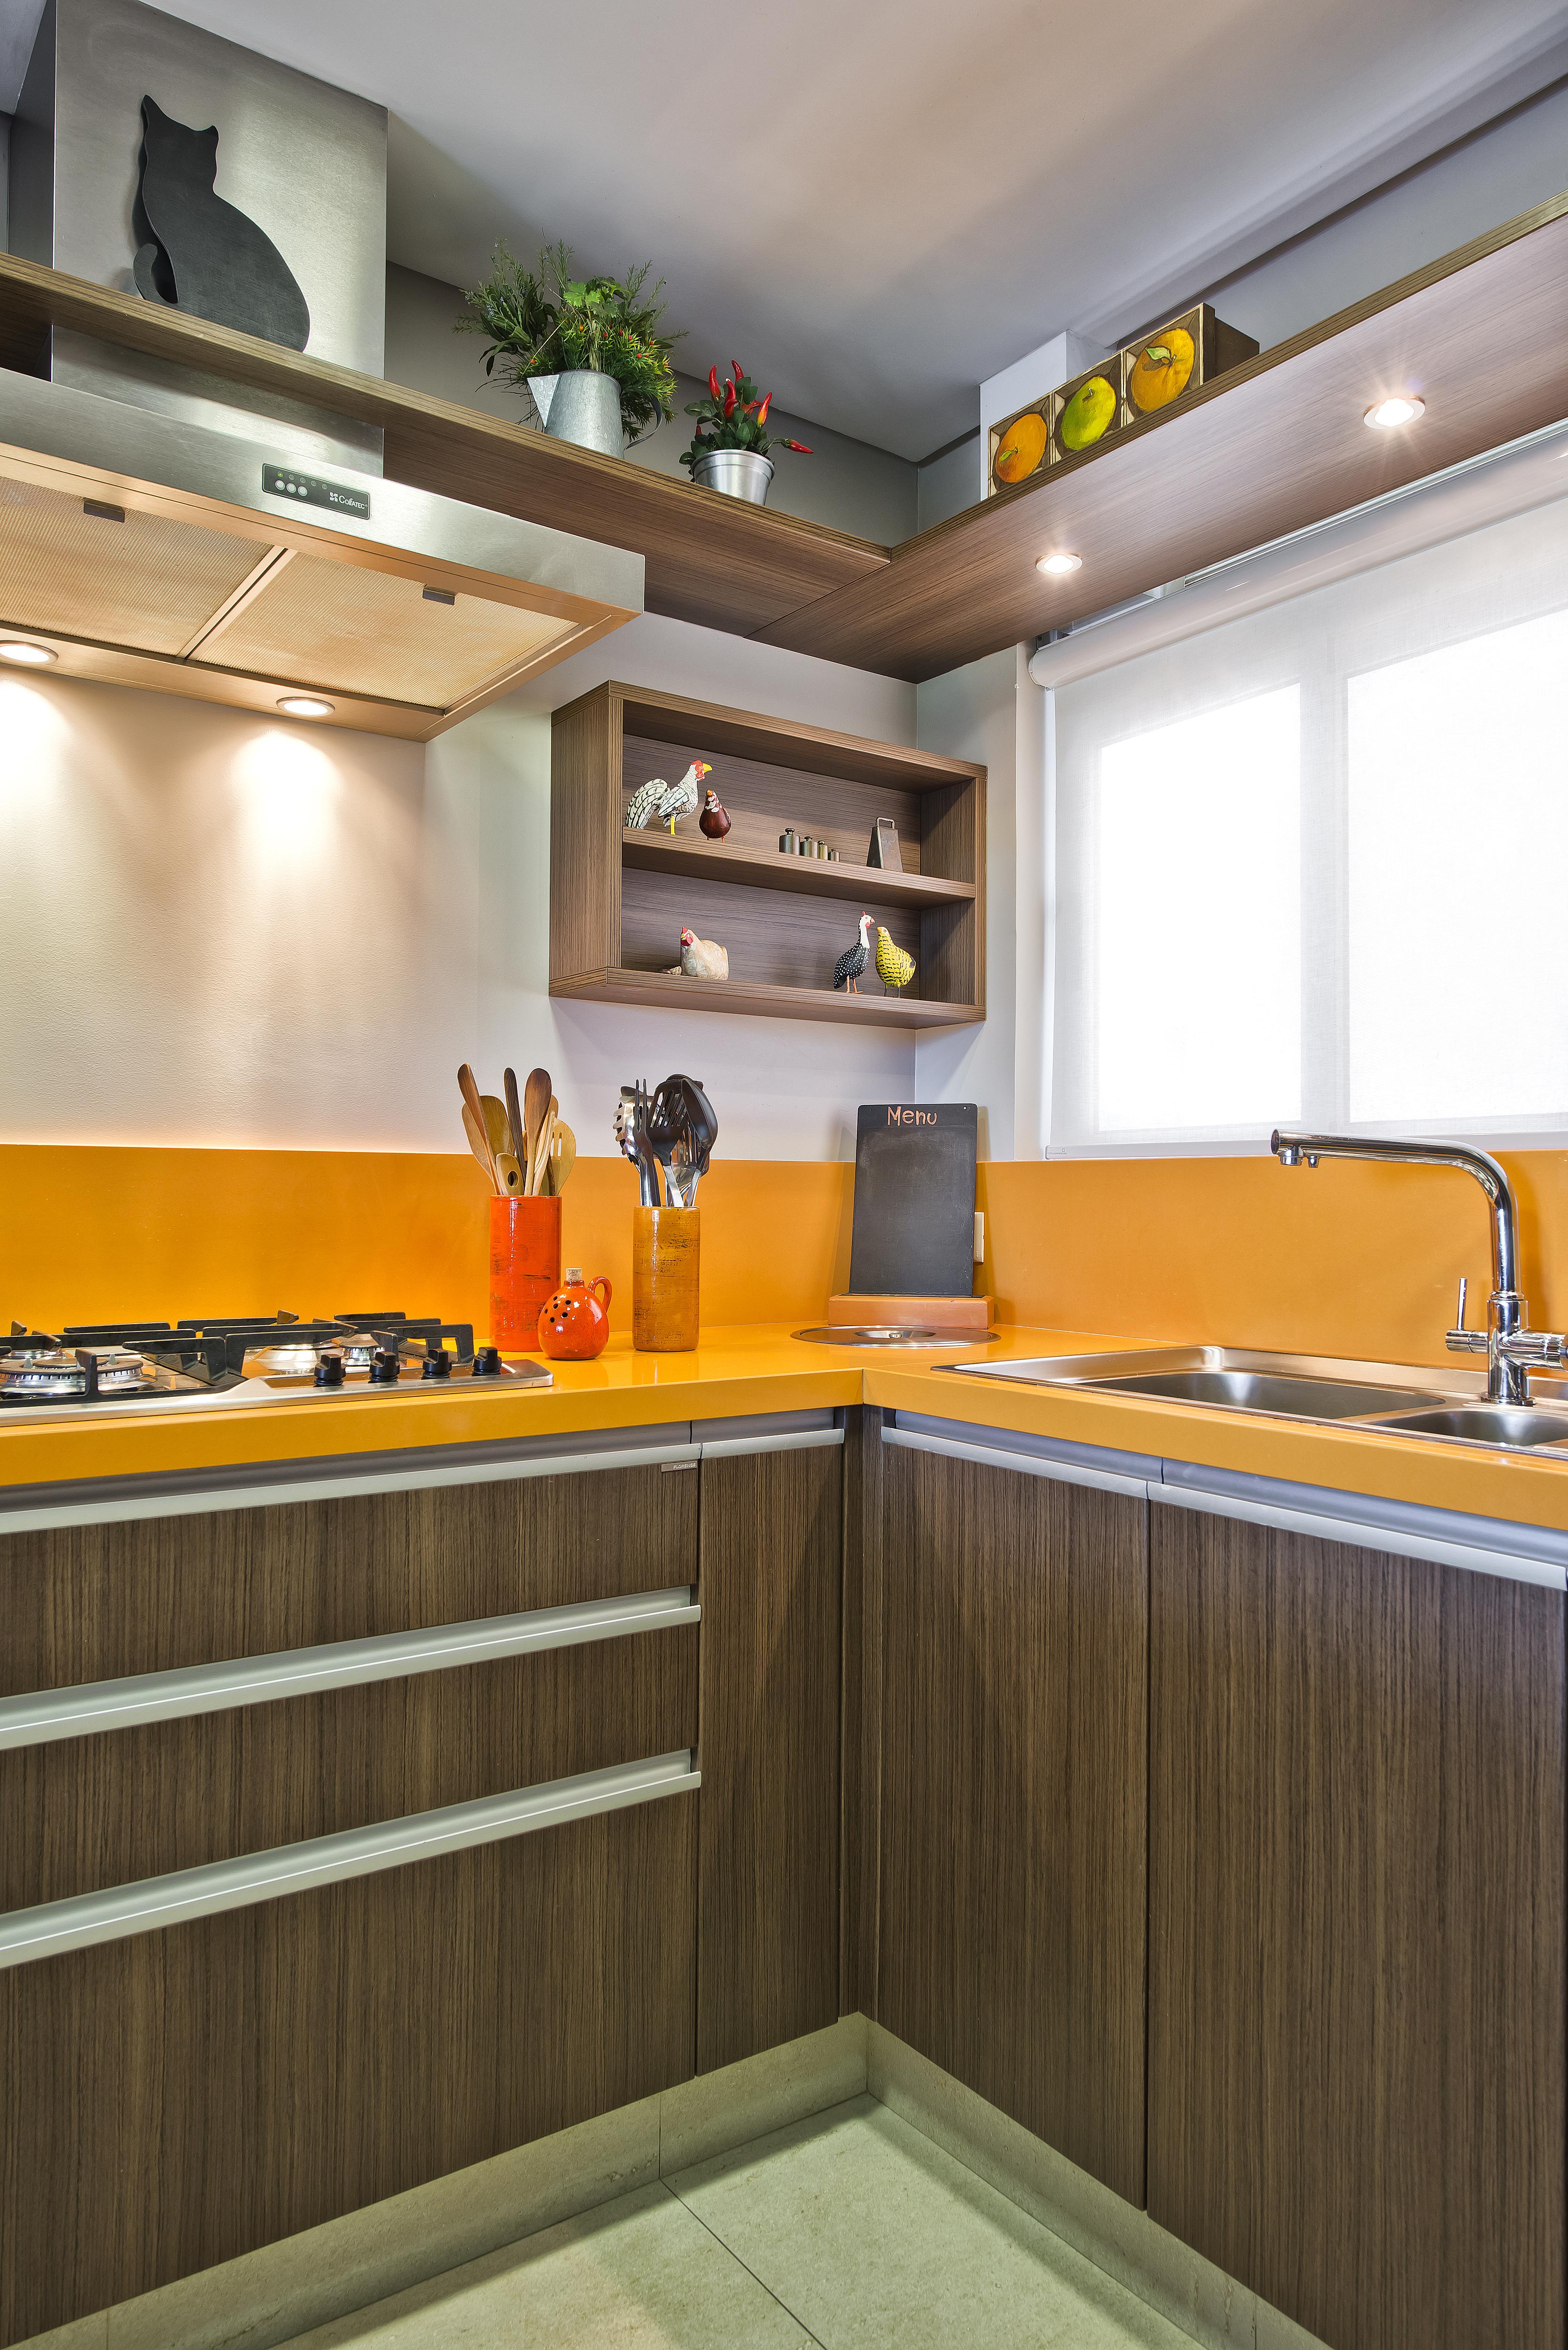 Cozinha na cor amarela